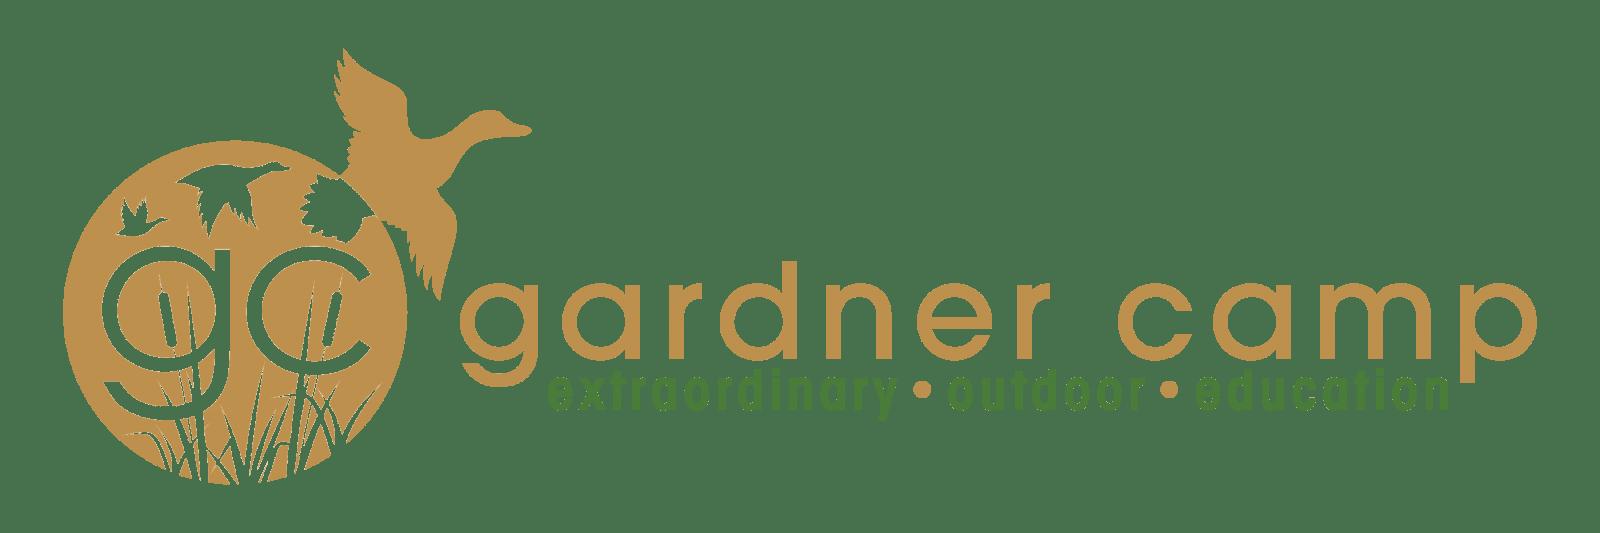 Gardner Camp Green and Gold Logo